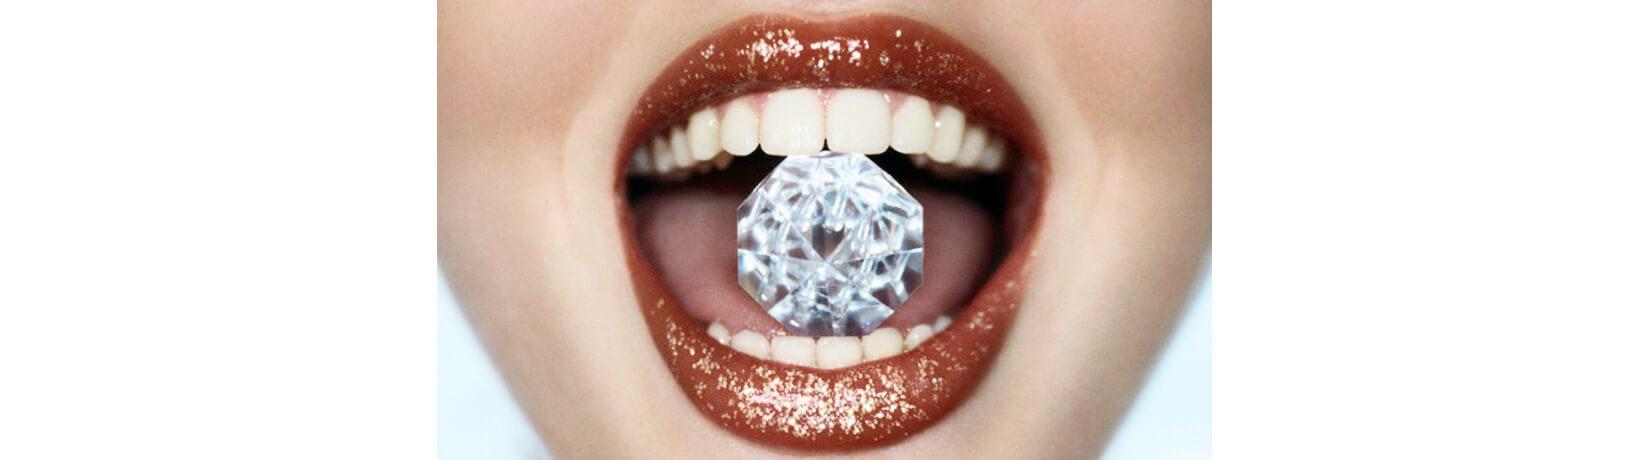 Чи може зубна паста вплинути на міцність зубів?